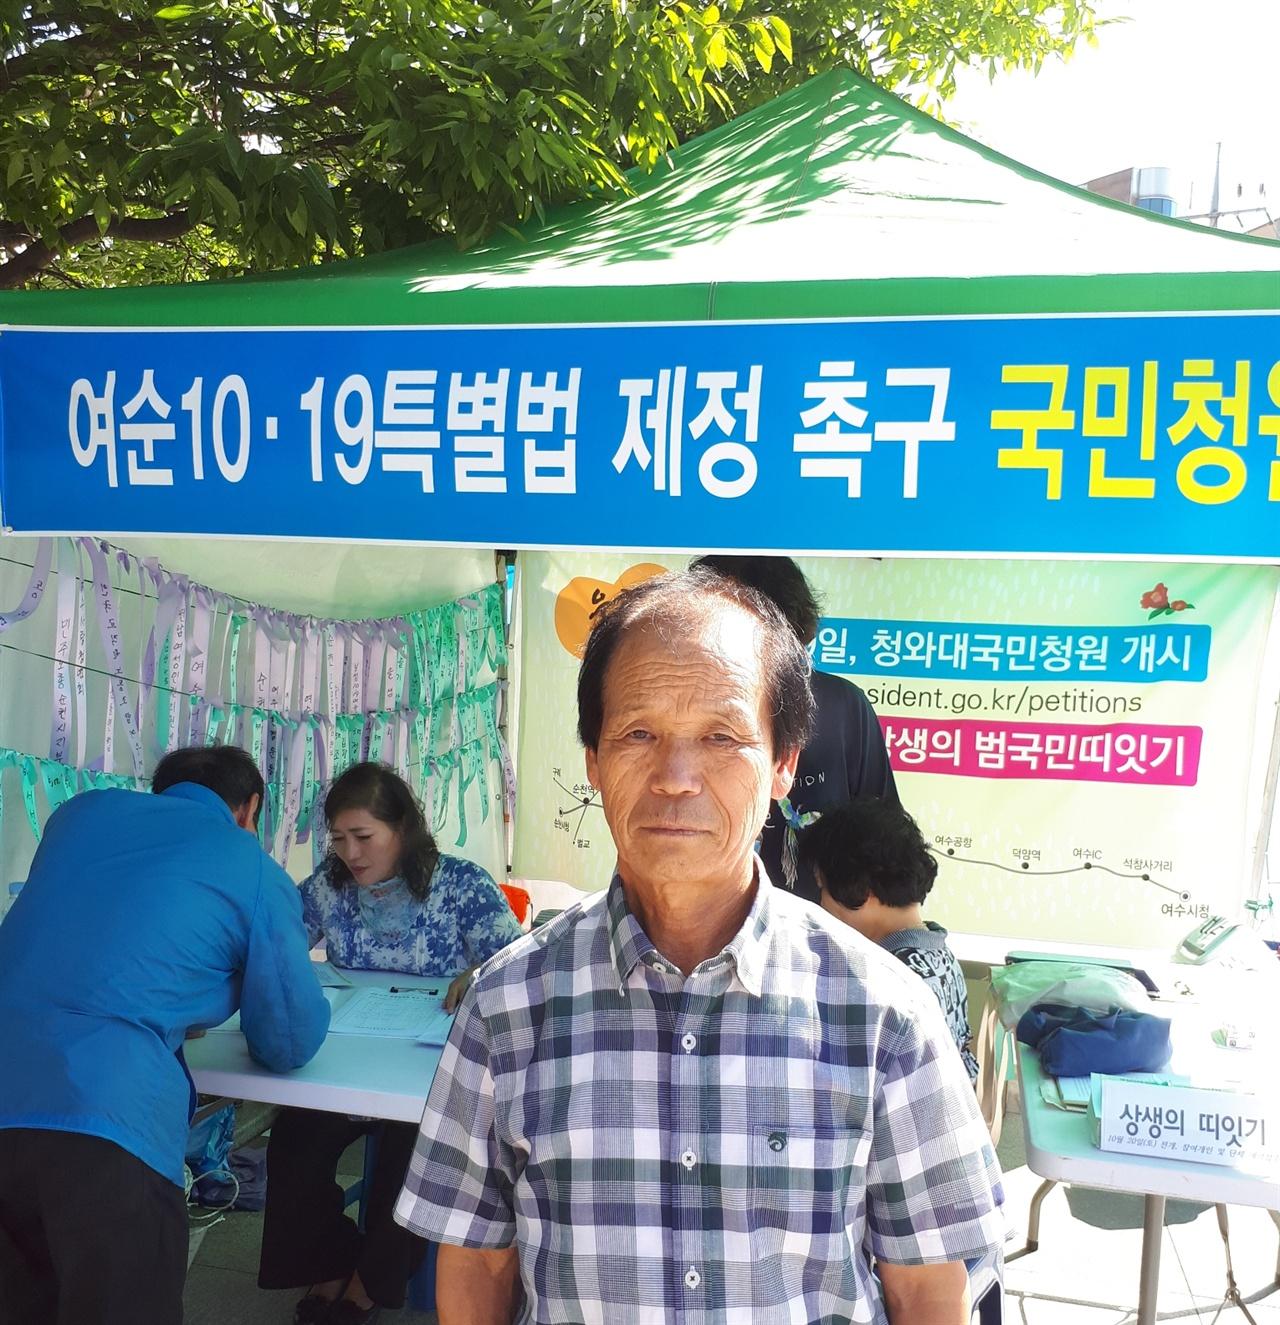 여순 유가족 9월 4일 순천역 광장에 마련된 여순특별법 제정을 촉구하는 국민청원을 위한 서명운동을 위해 마련한 캠프 앞에서 유가족인 장홍석 씨가 호소하고 있다.